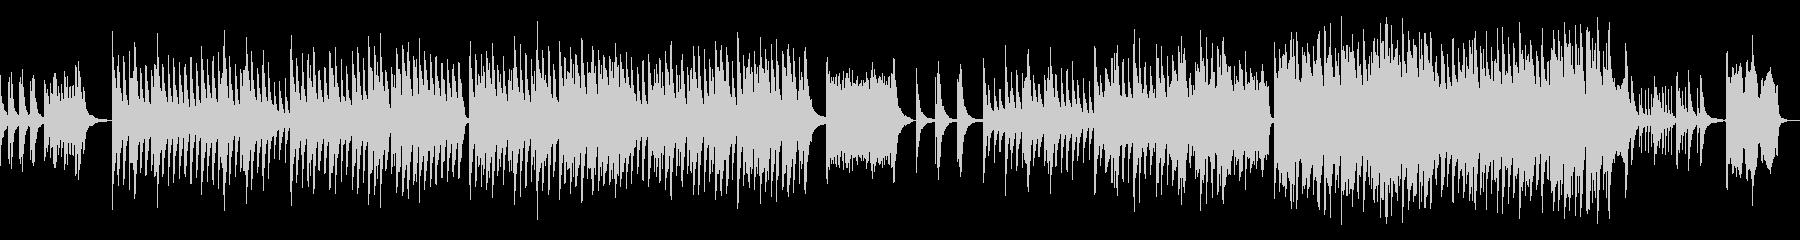 合唱をイメージしたピアノバラードの未再生の波形